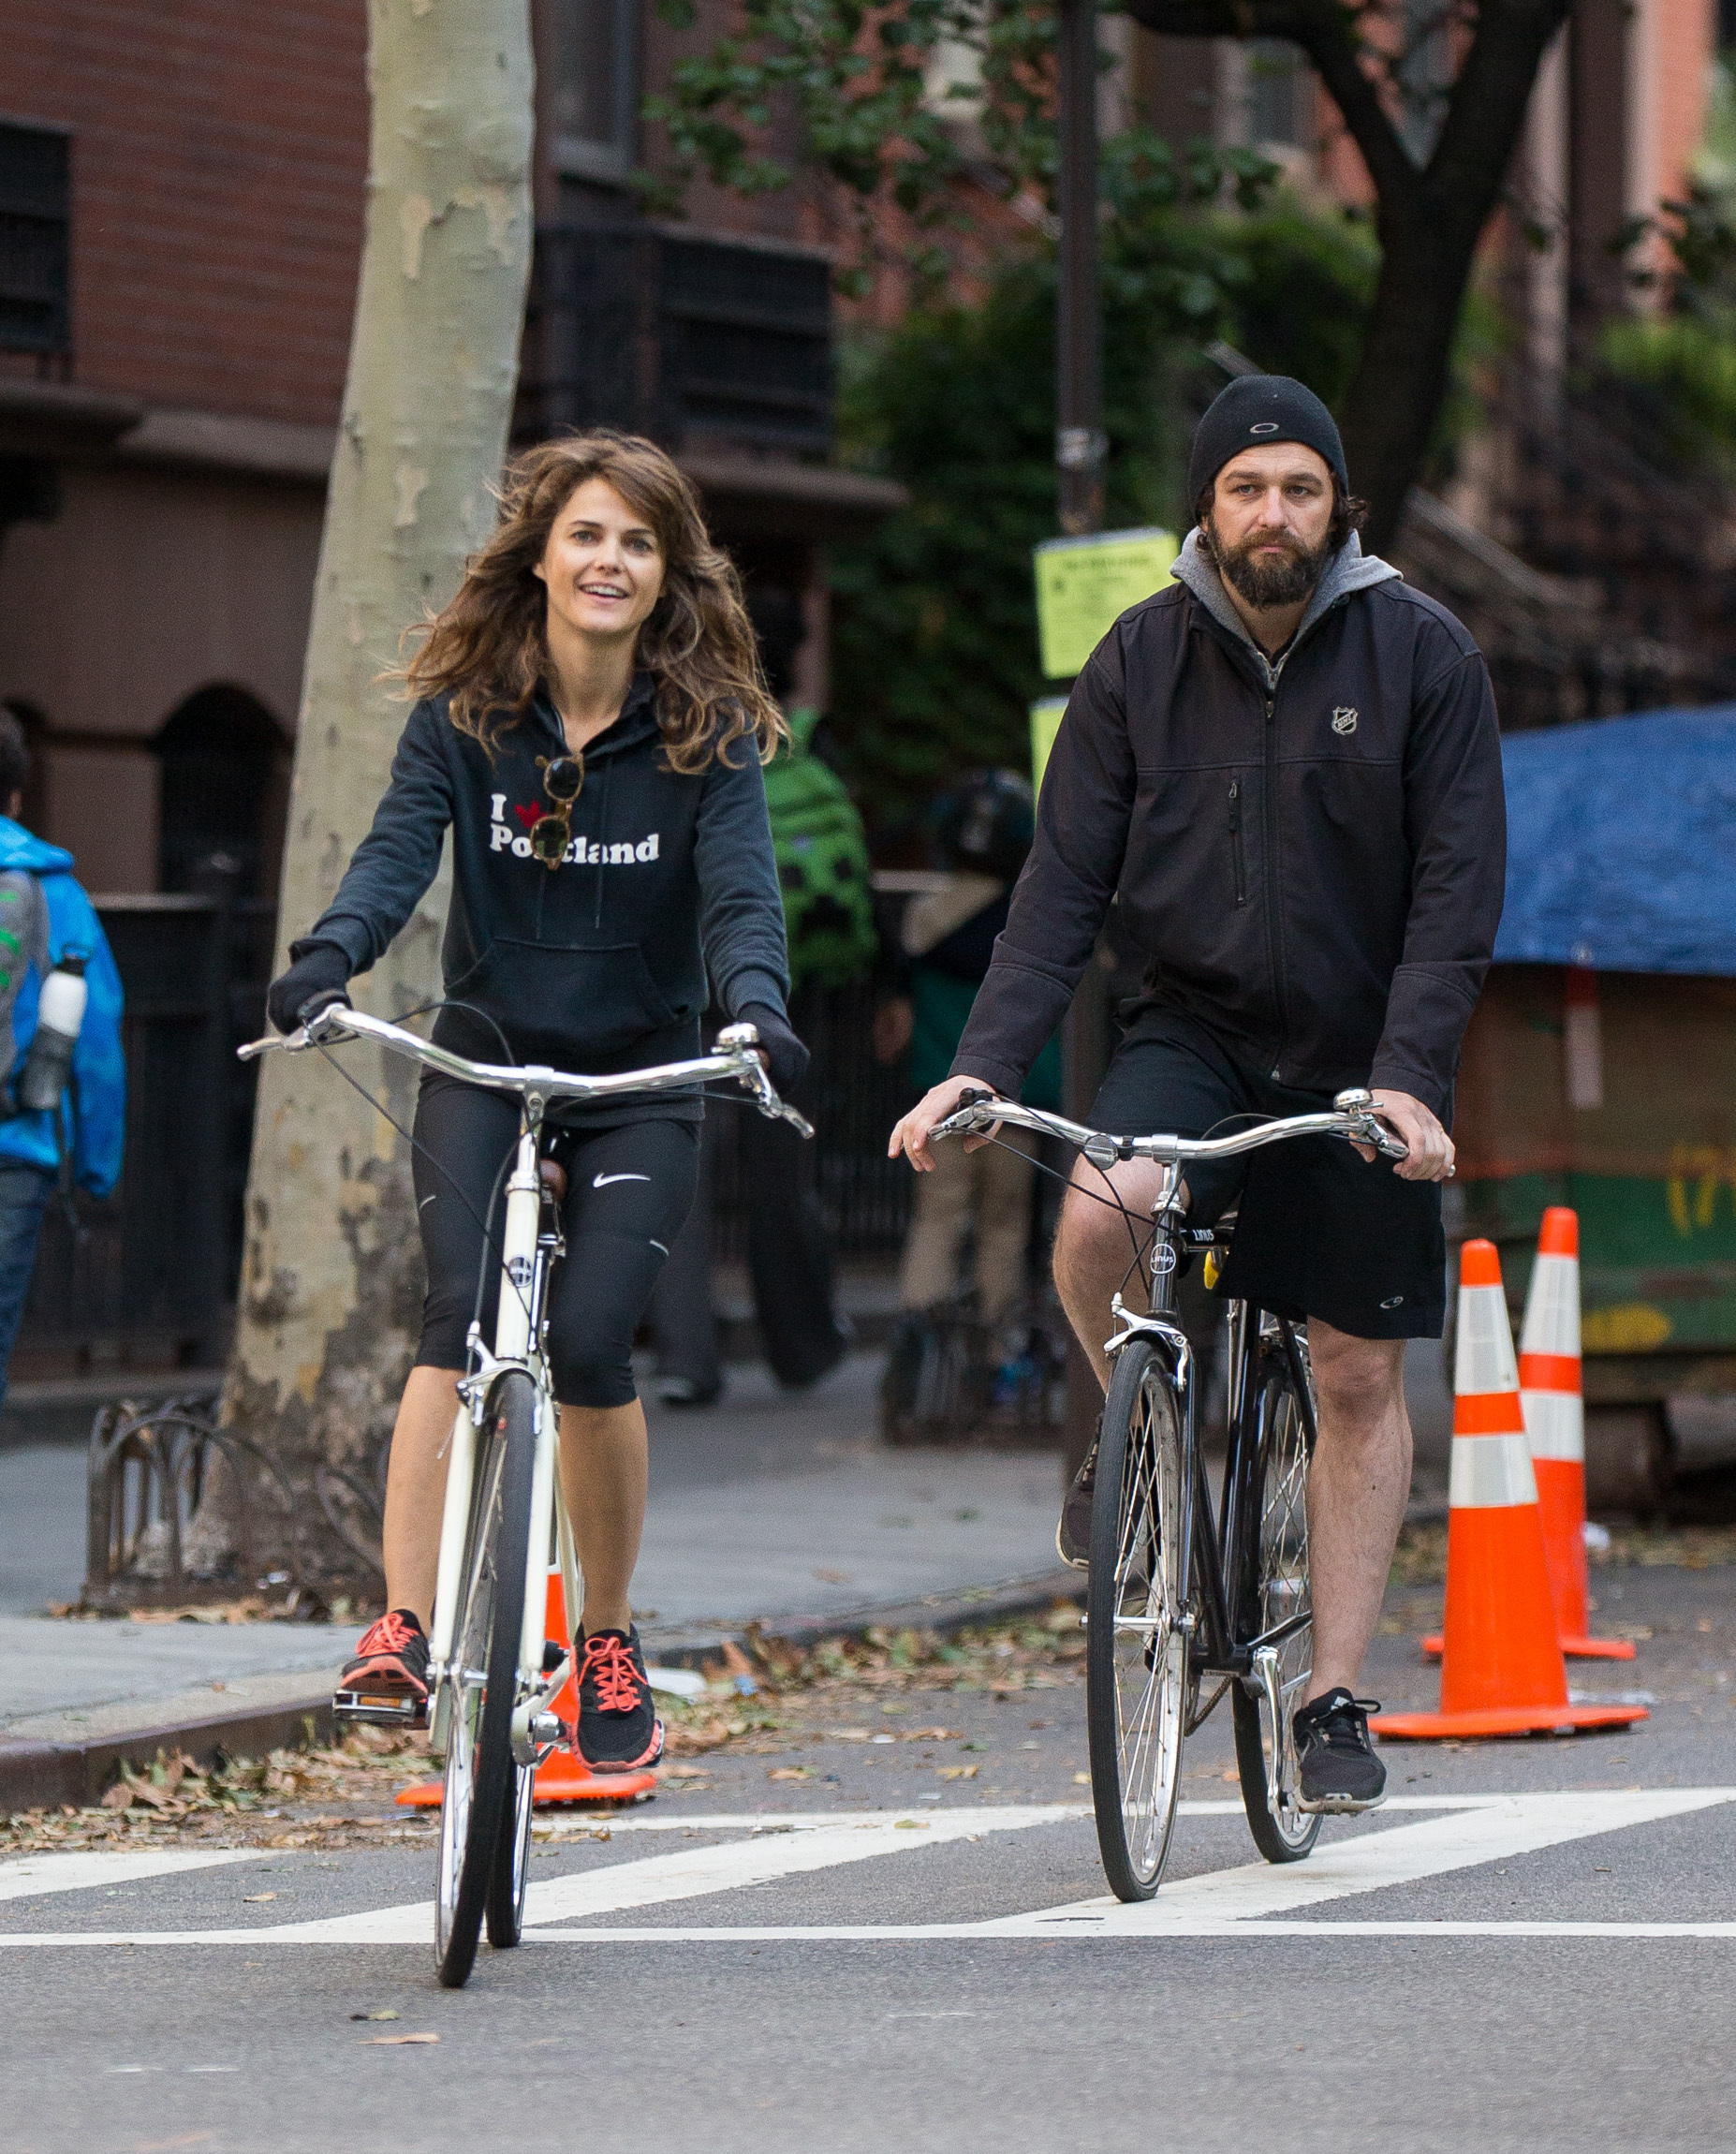 På cykeltur i Brooklyn häromdagen. Foto: ALL OVER PRESS